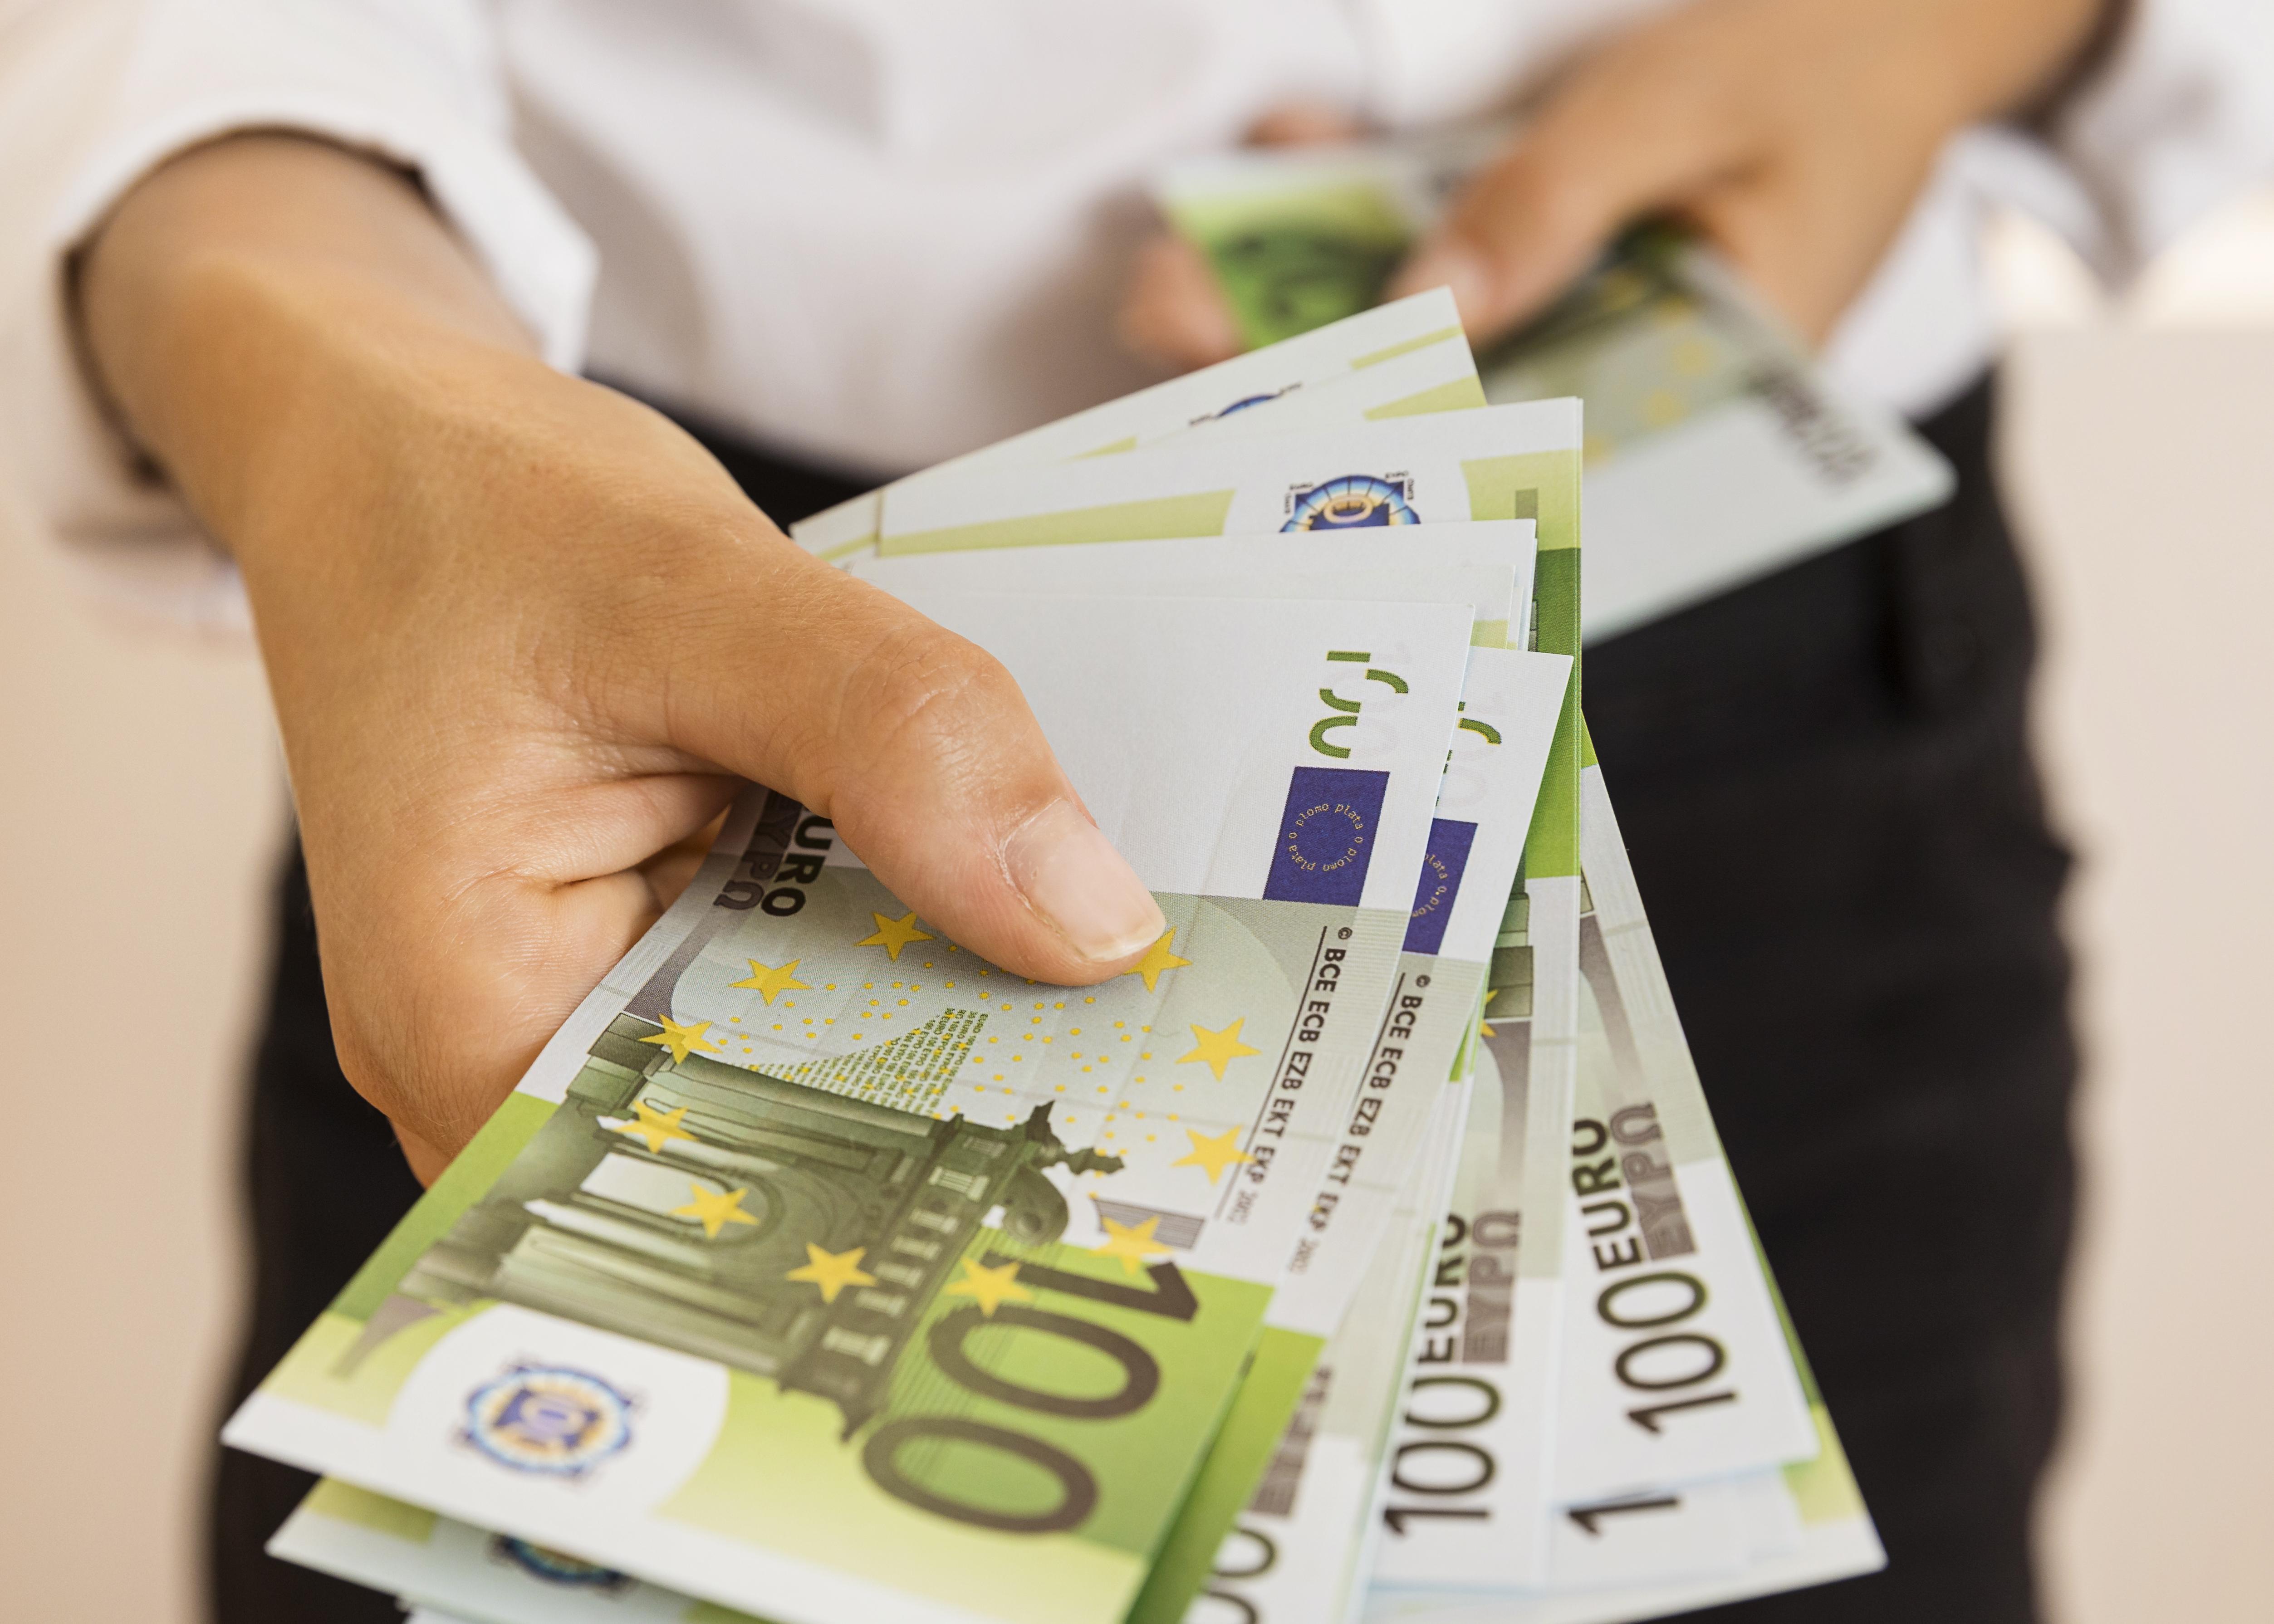 Wie zufrieden macht Geld? Über Debatten zum Gehalt in der Pflege